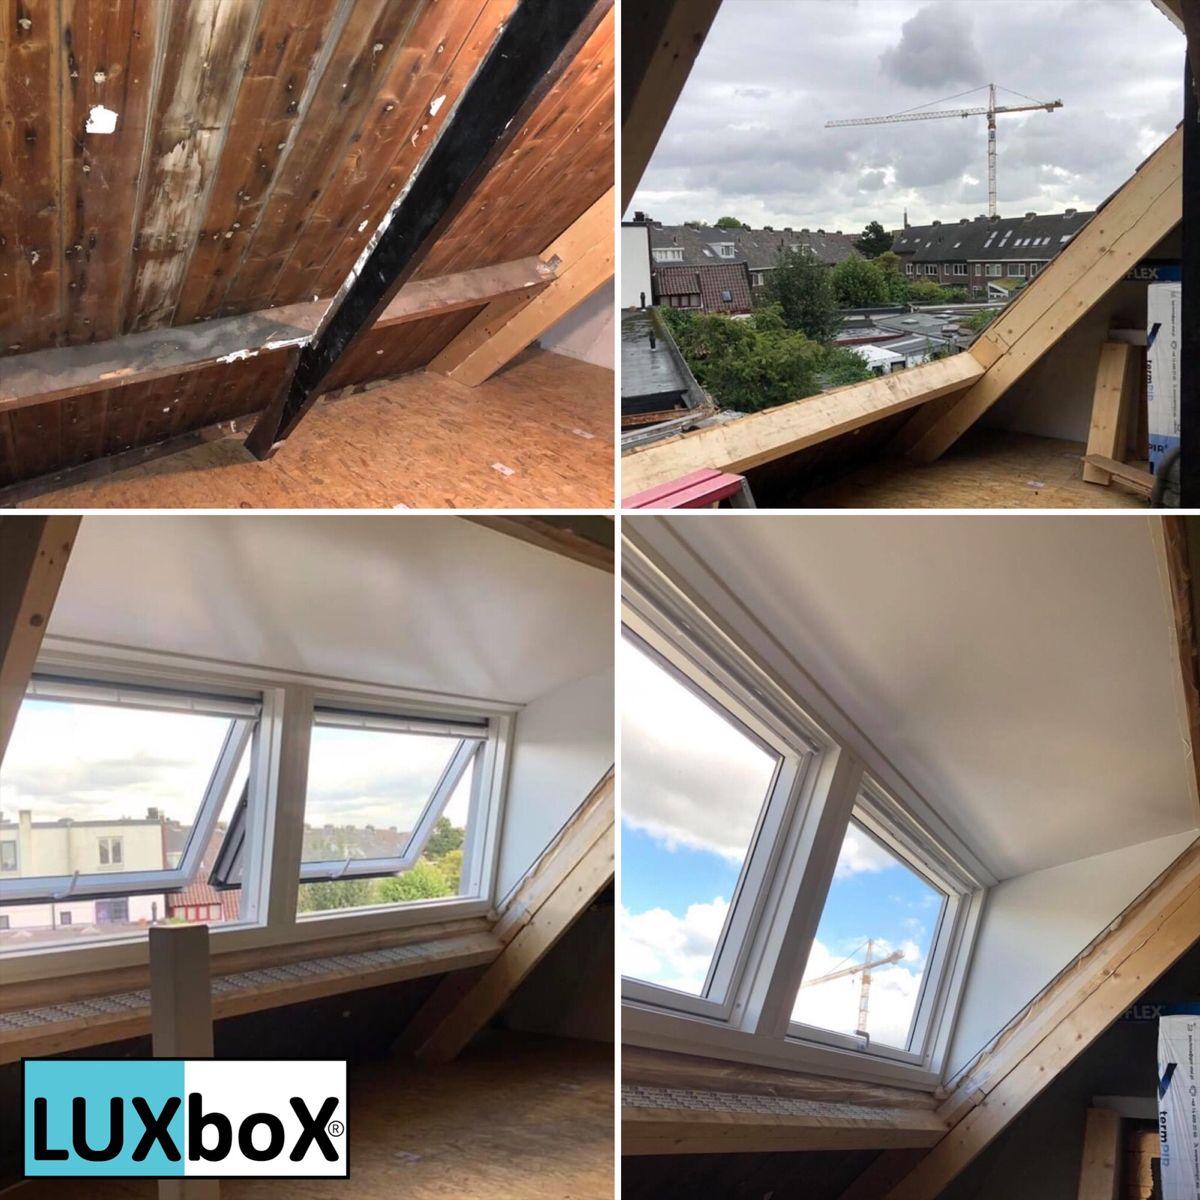 Grote zolder verbouwing met een LUXboX dakkapel in 2020